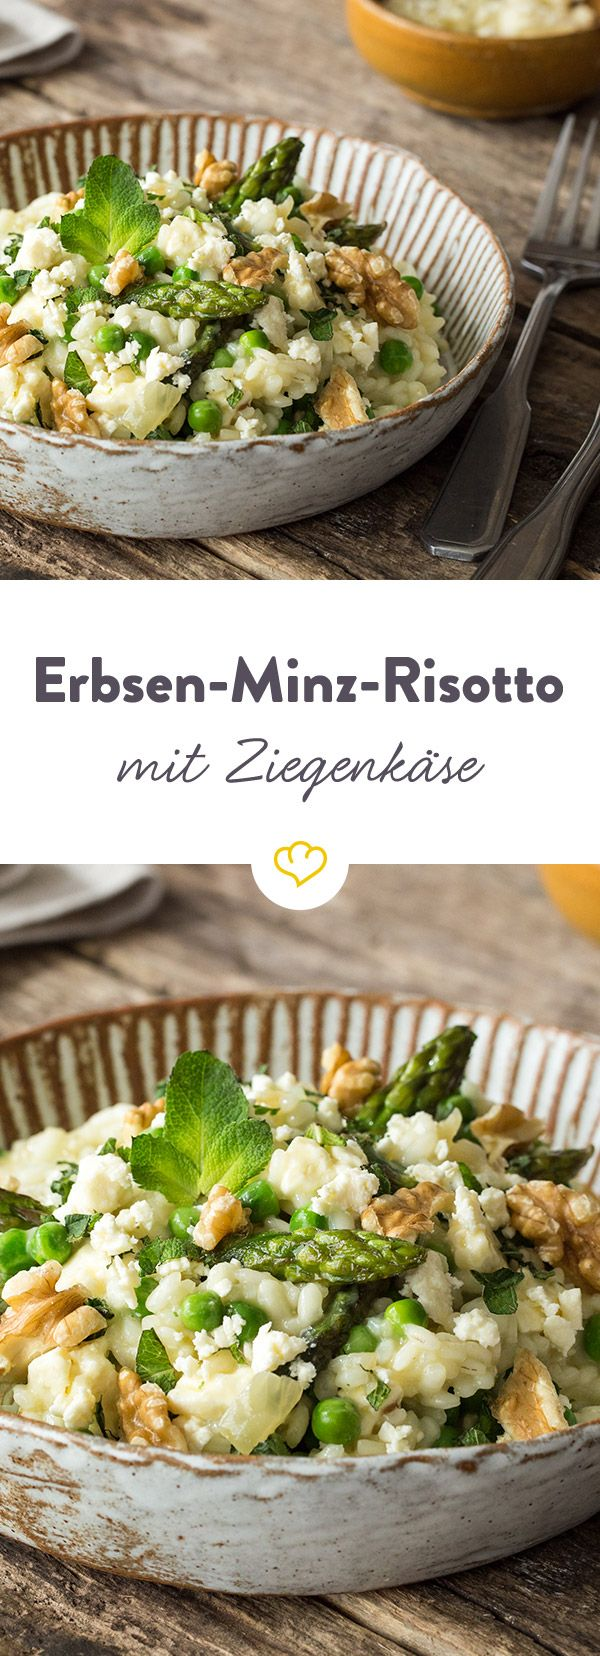 Der italienische Klassiker auf Frühling getrimmt: Risotto mit grünem Spargel, Erbsen und cremigem Ziegenkäse verfeinert. Lecker und schnell gemacht.